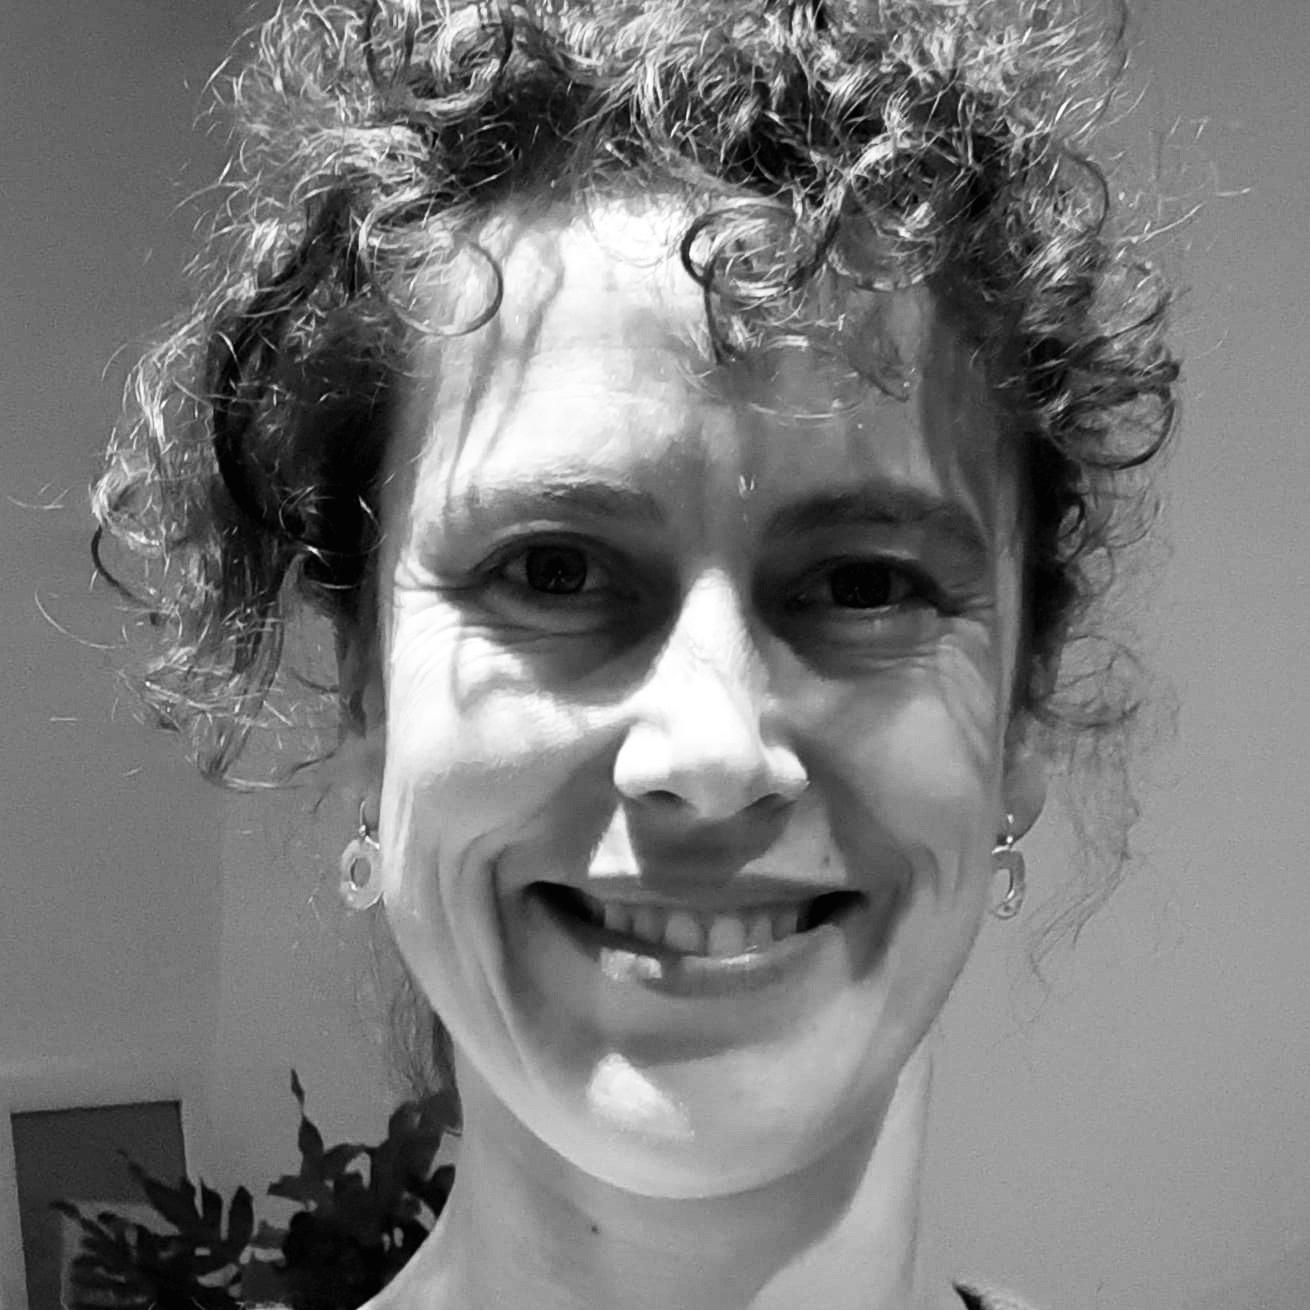 Profielfoto Katja Pandelaers - Atelier-K! | Cursussen & workshops keramiek voor volwassenen in Merksem